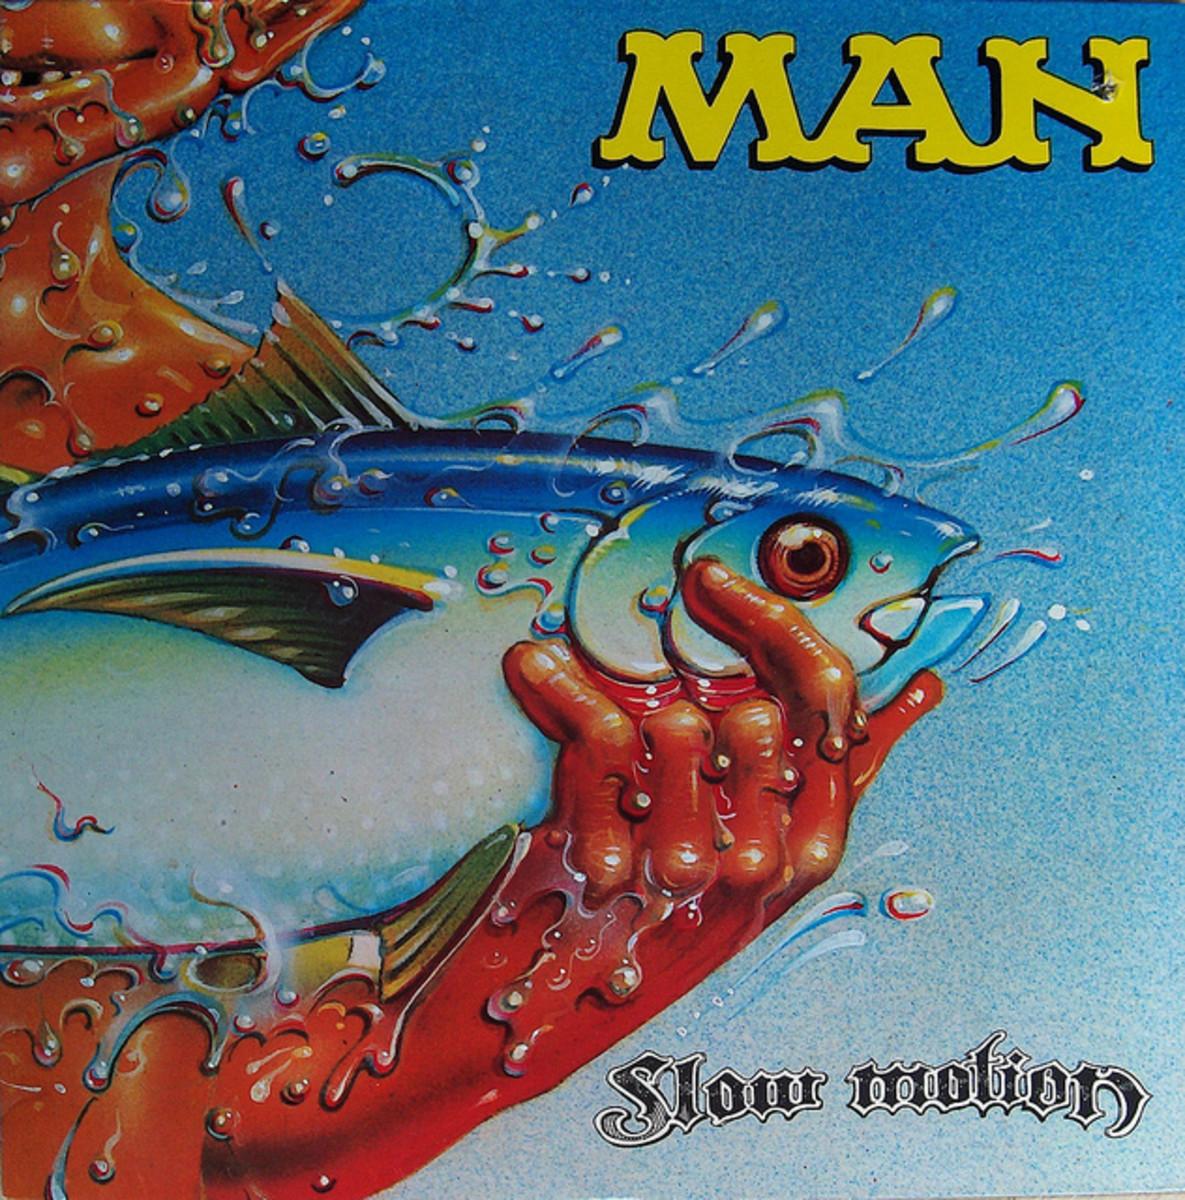 """Man """"Slow Motion"""" United Artists Records UA-LA345-G 12"""" LP Vinyl, US Pressing (1974) Album Cover Art by Rick Griffin"""